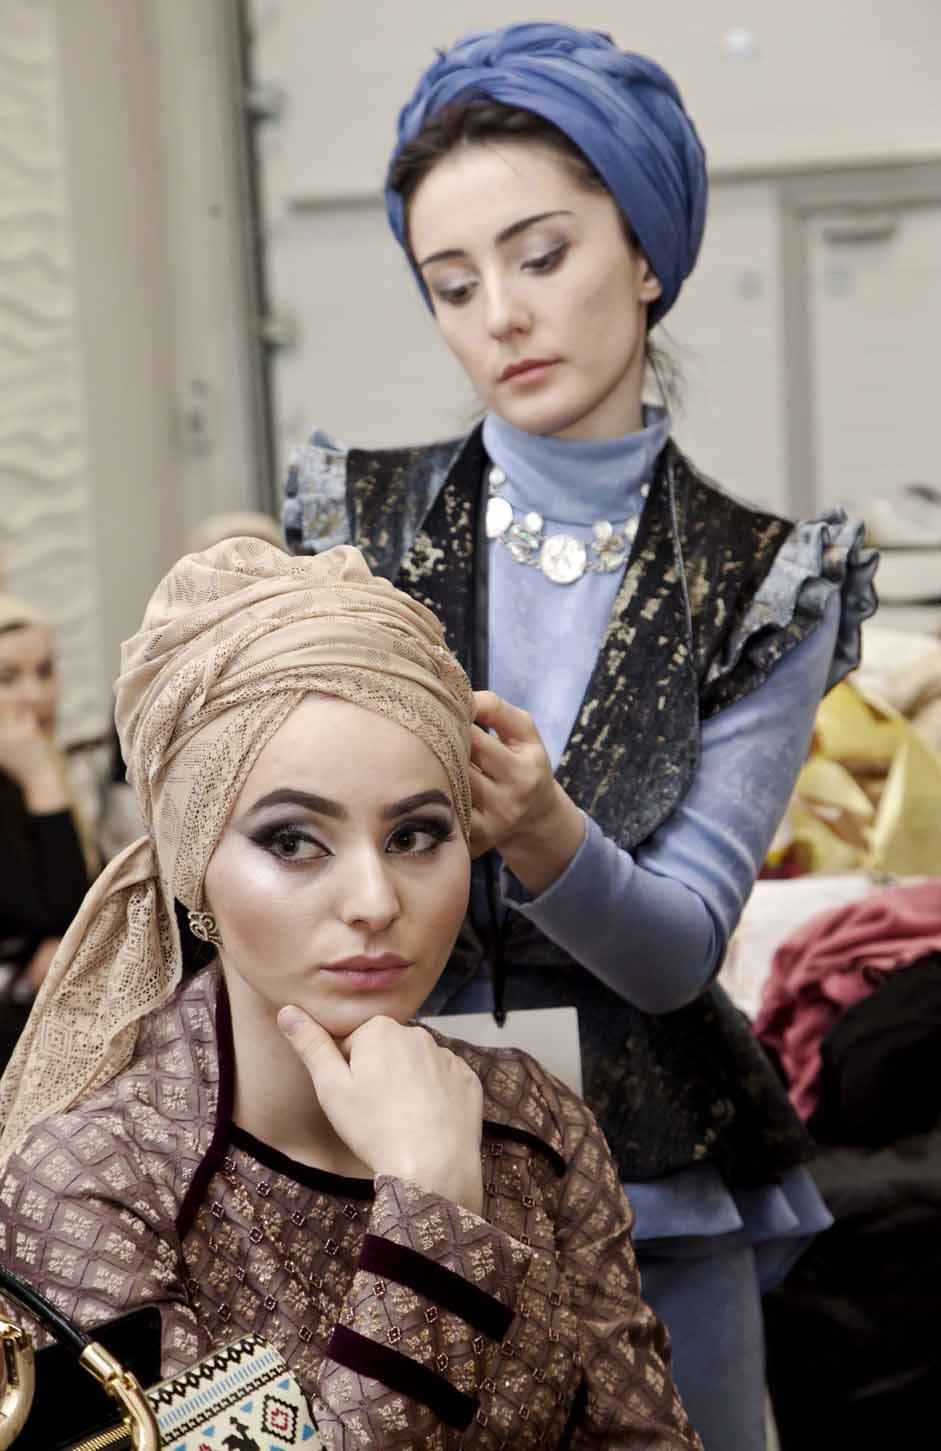 Grozny fashion week